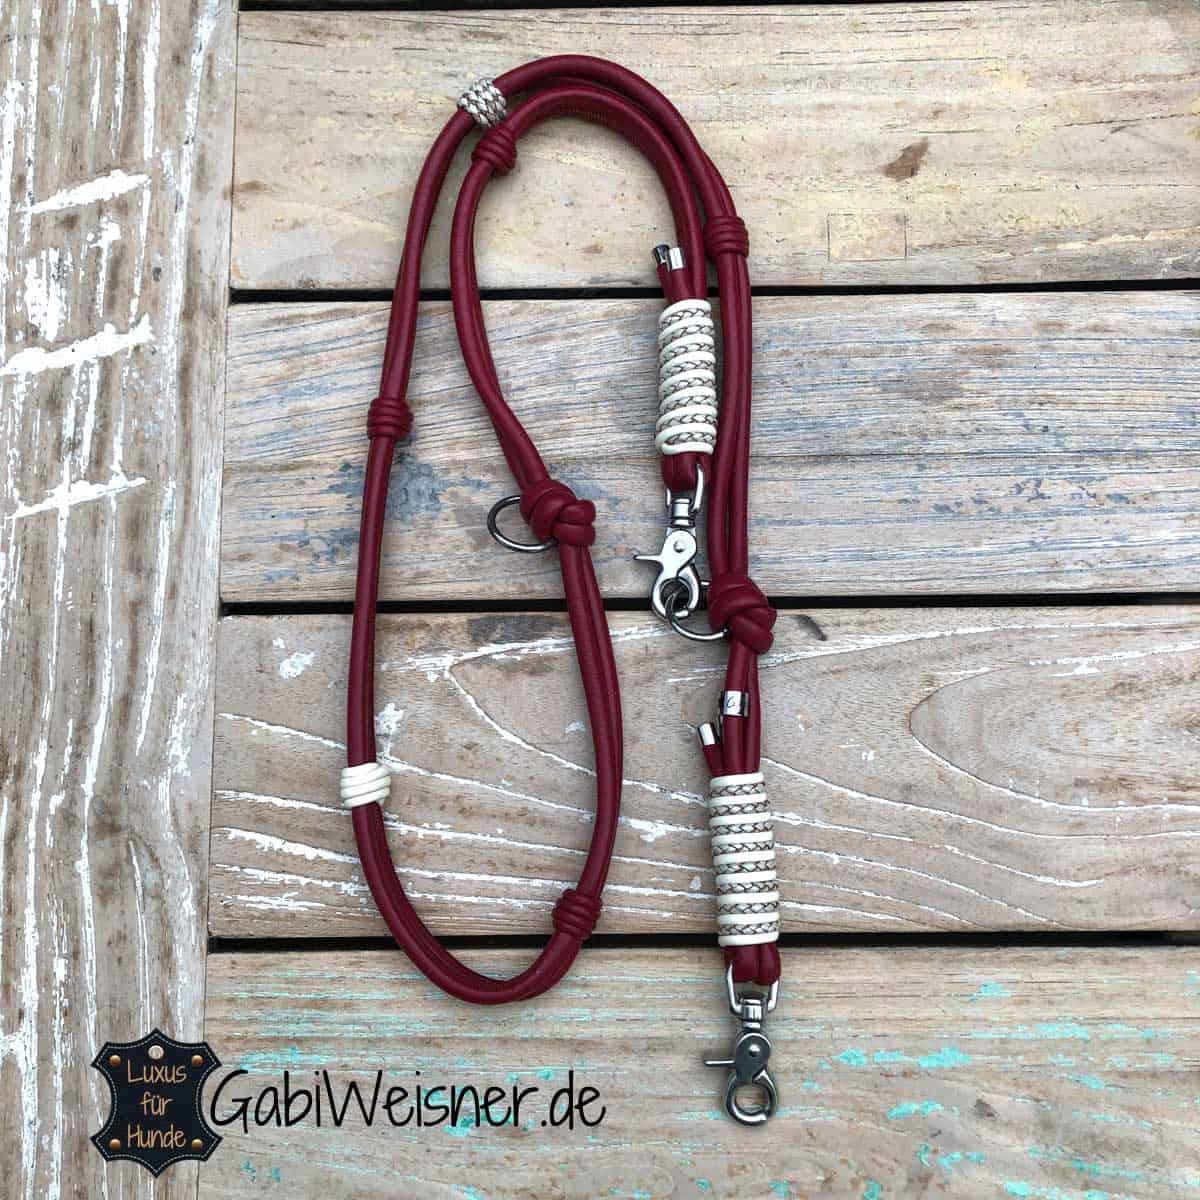 Hundeleine aus Leder in Dunkelrot und bestückt mit Edelstahl-Beschlag. Luxus für Hunde.